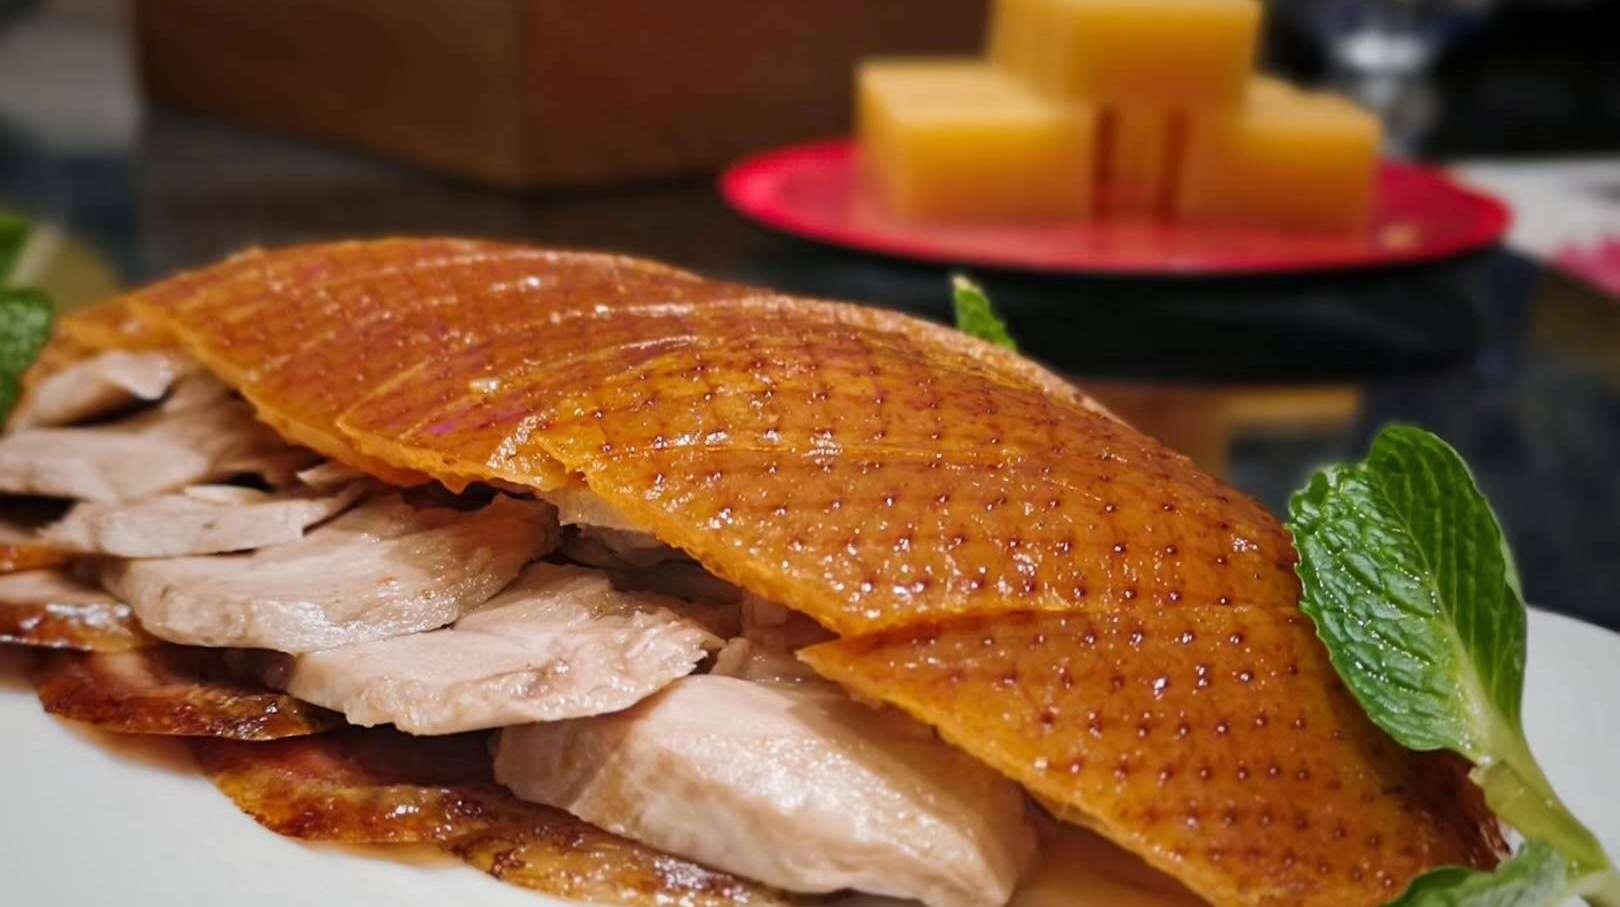 这些能代表北京的饮食文化吗?而我只是想怎么减肥的问题